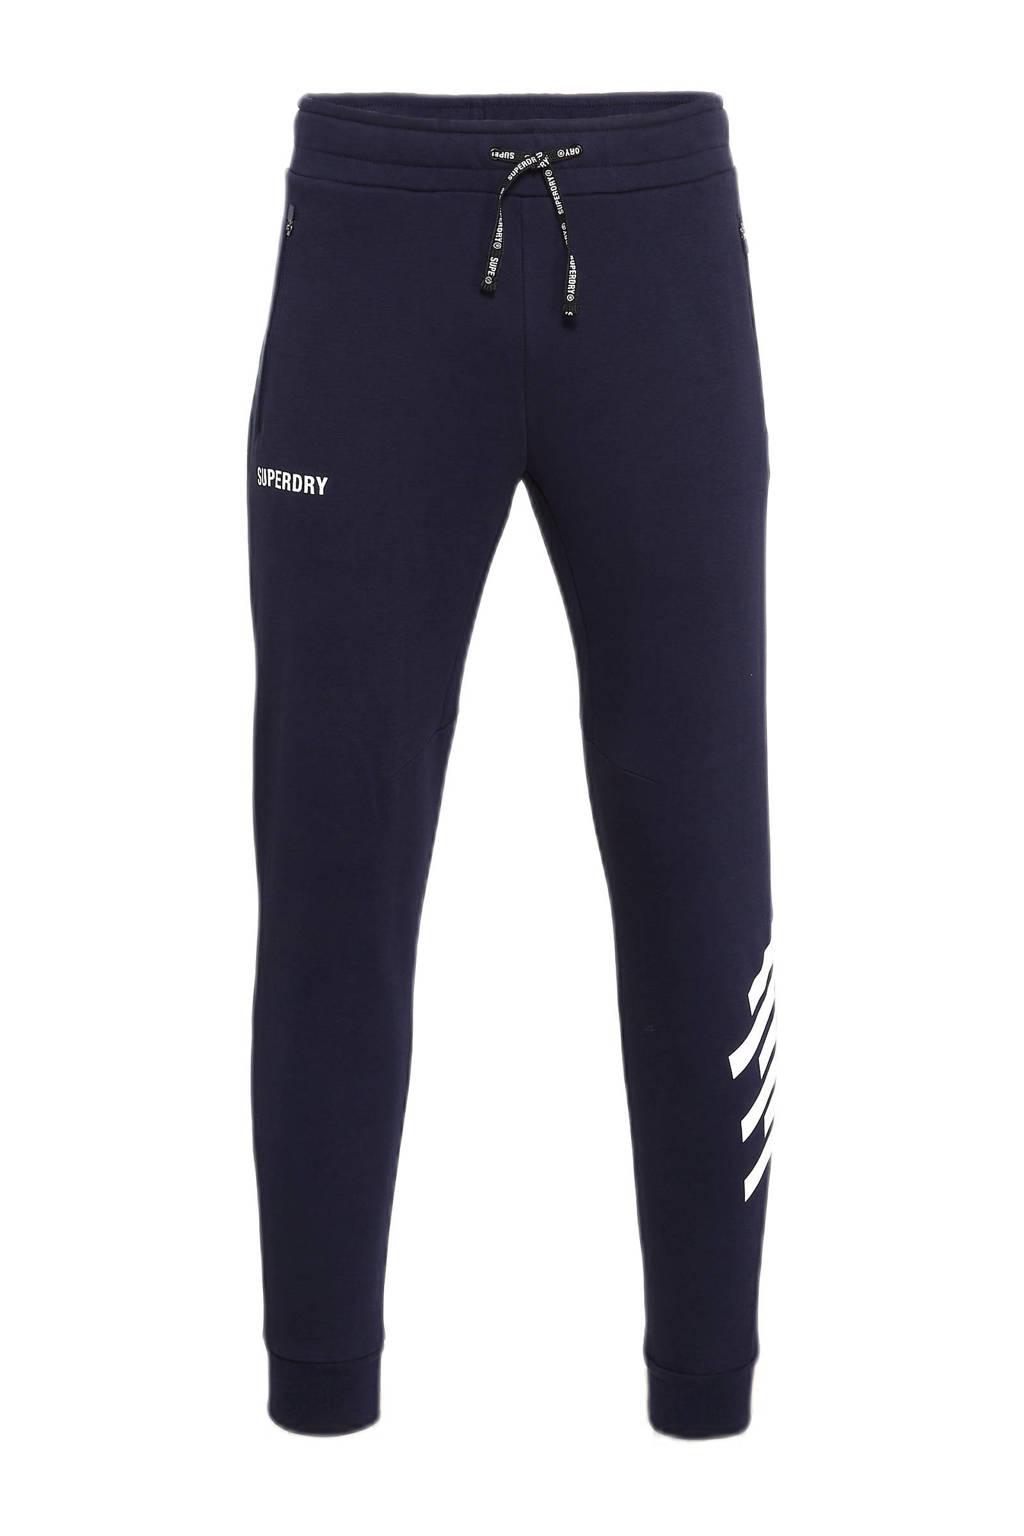 Superdry Sport   joggingbroek donkerblauw, Blauw